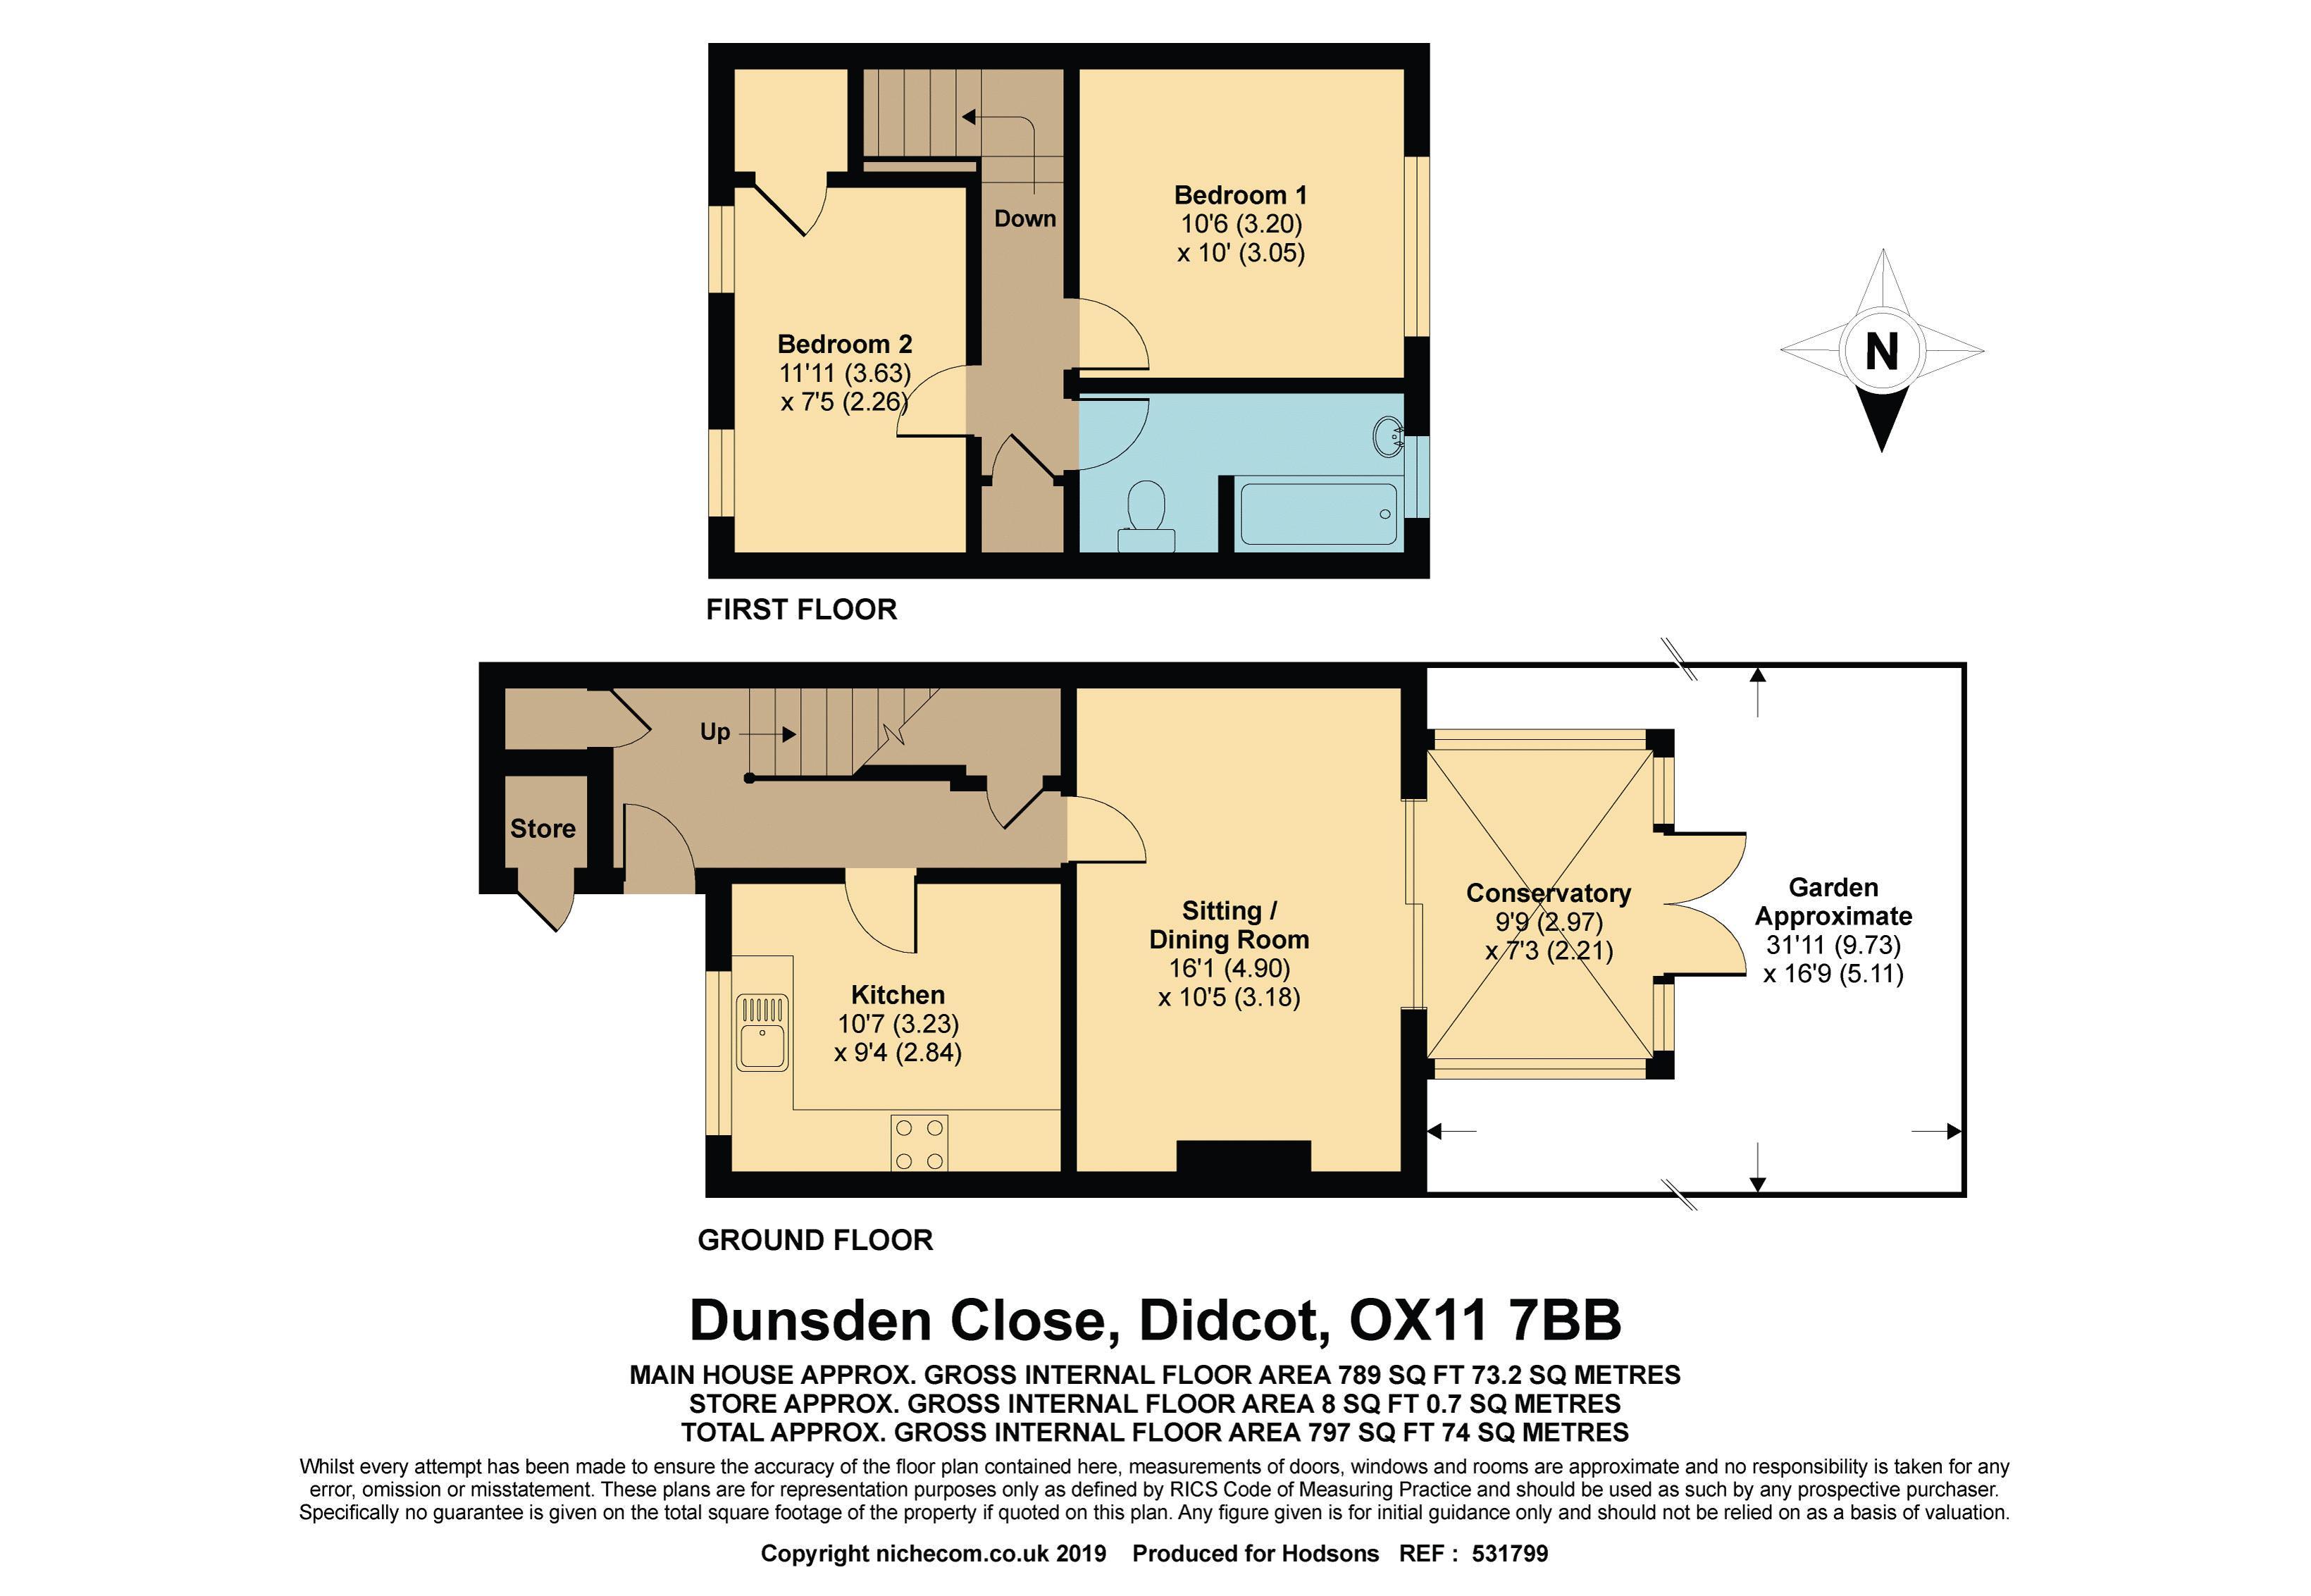 Dunsden Close